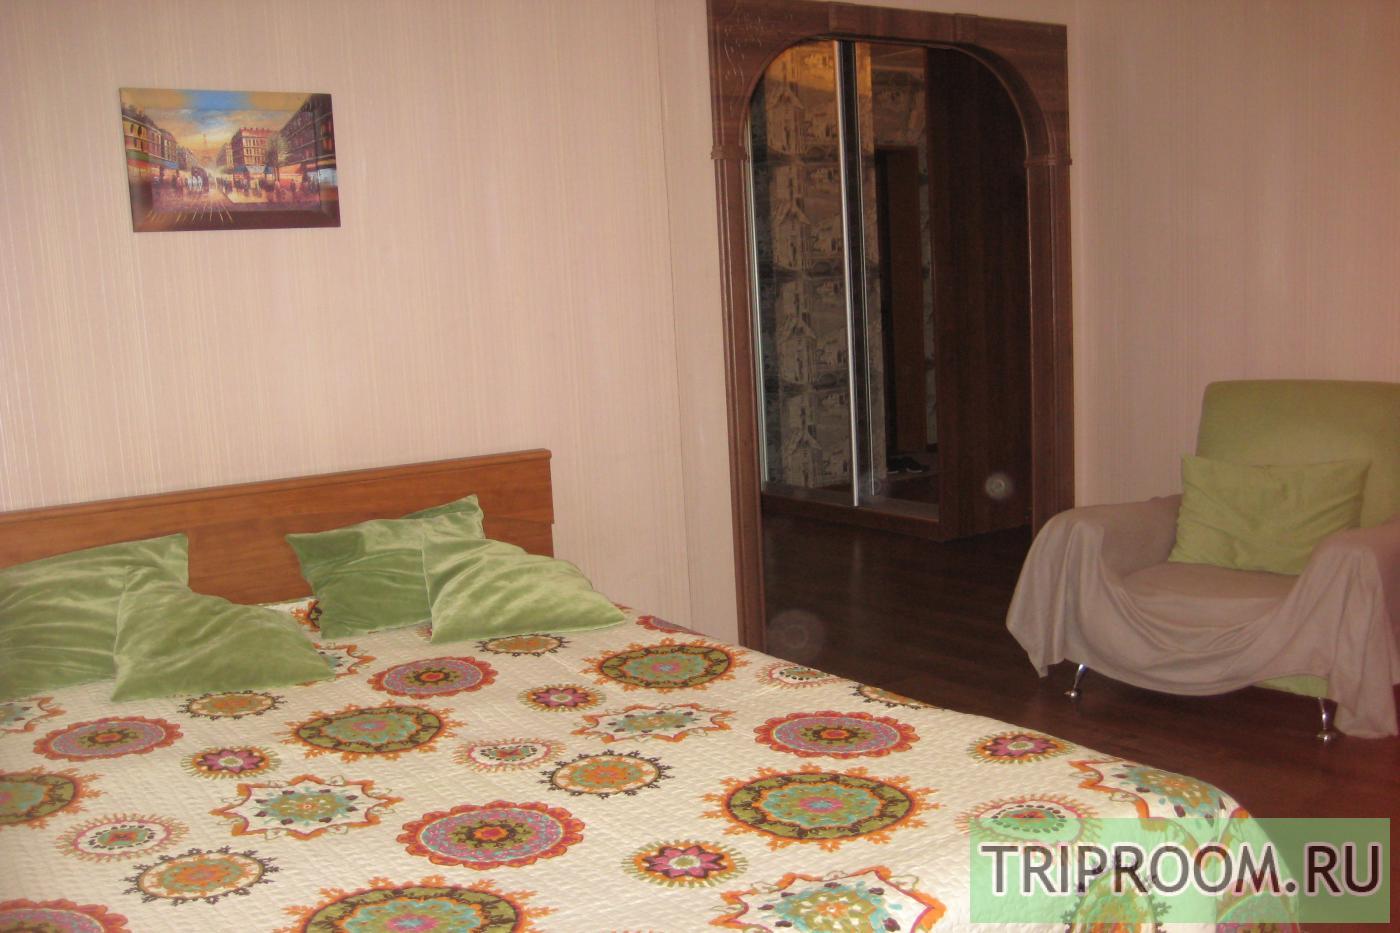 1-комнатная квартира посуточно (вариант № 7630), ул. новороссийская улица, фото № 2